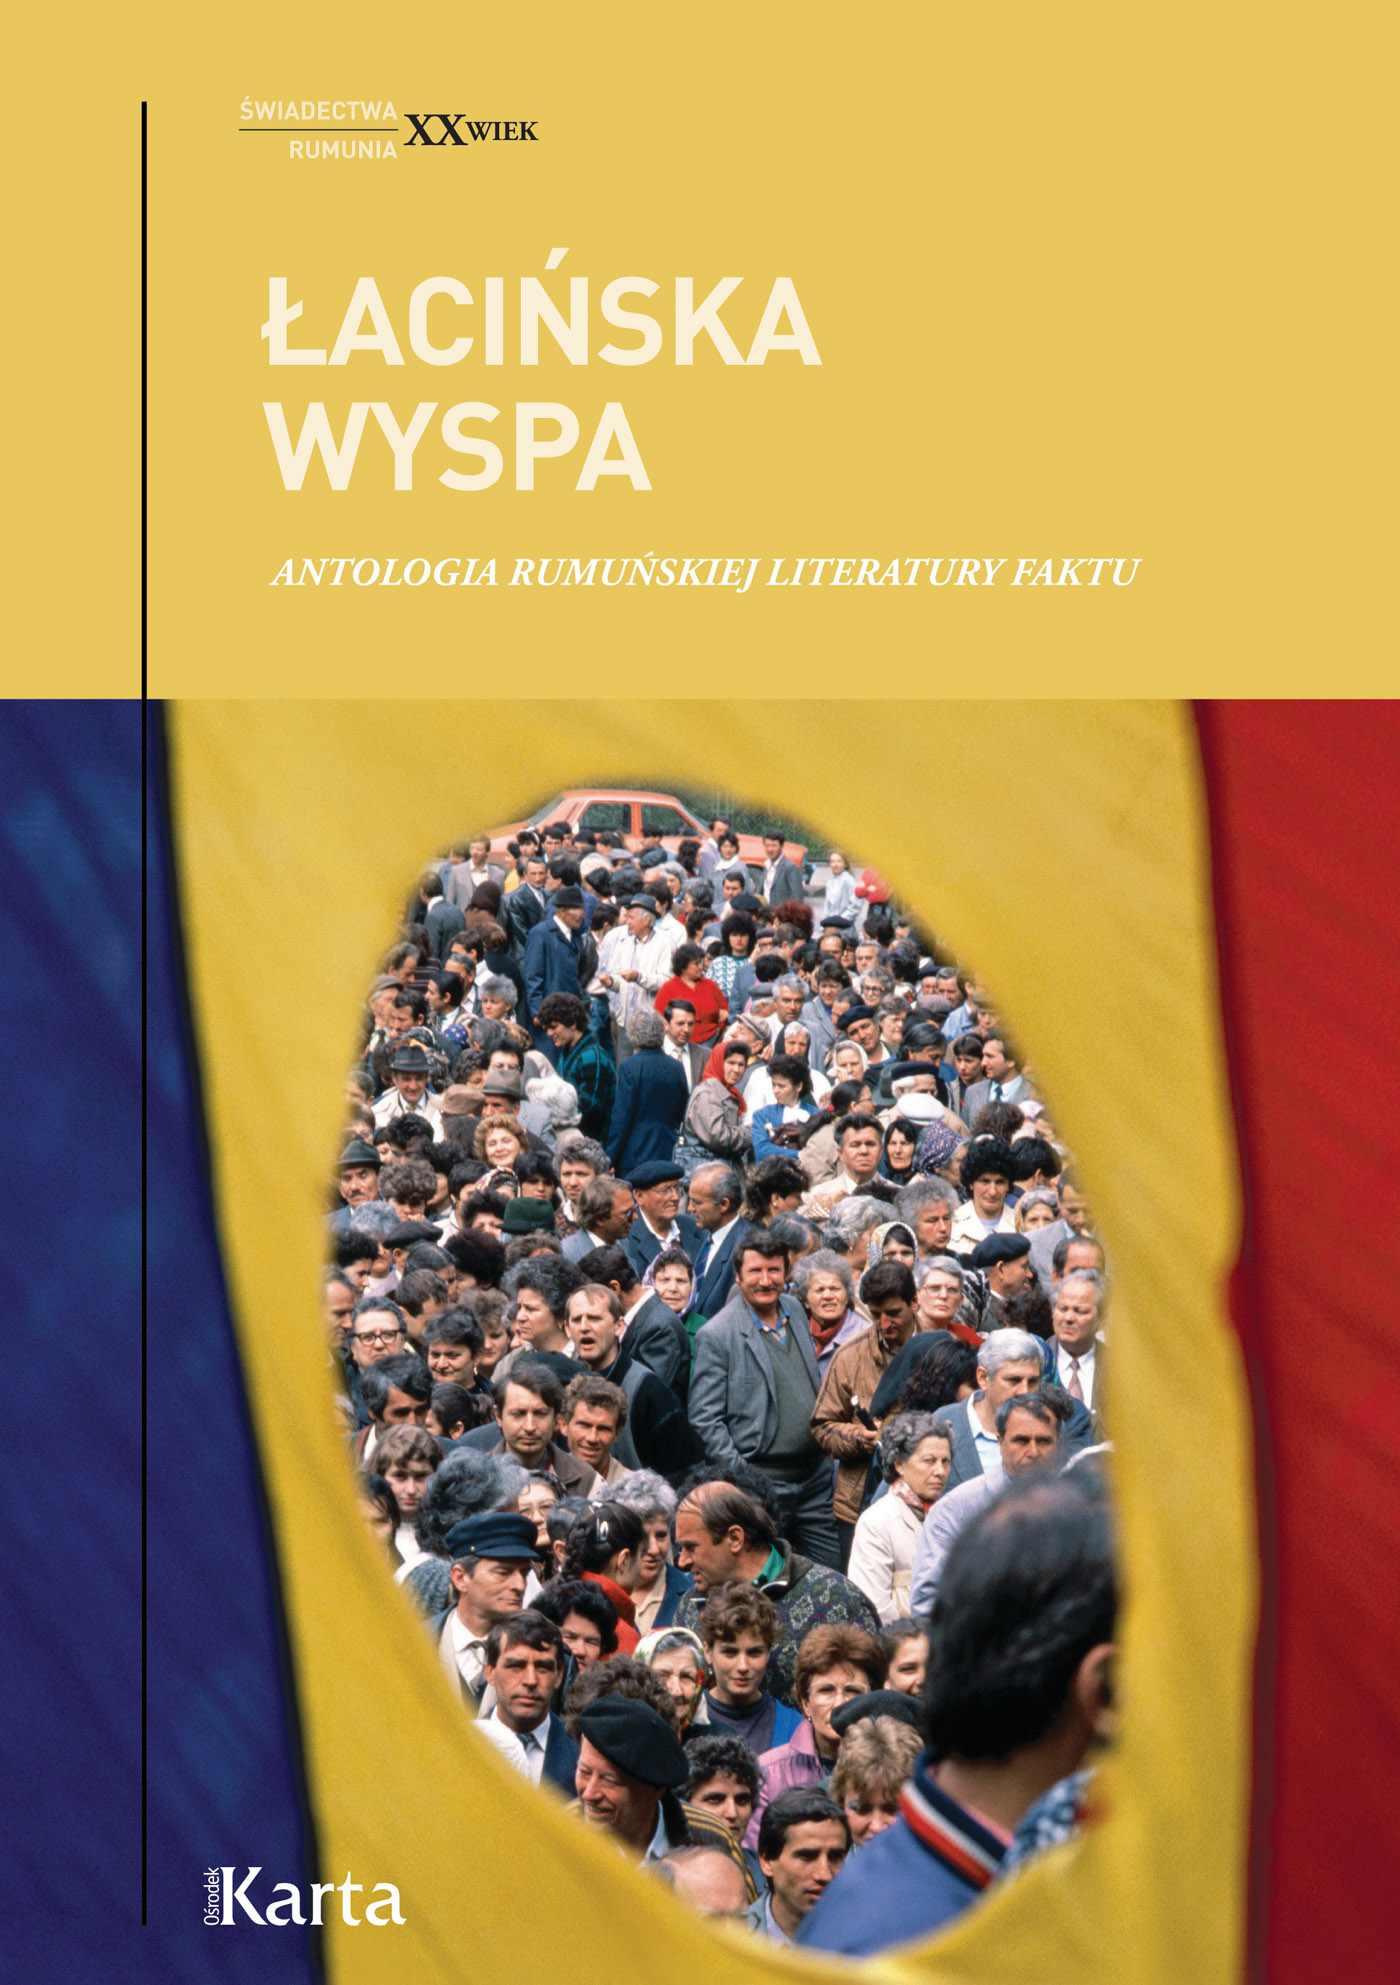 Łacińska wyspa. Antologia rumuńskiej literatury faktu - Ebook (Książka EPUB) do pobrania w formacie EPUB